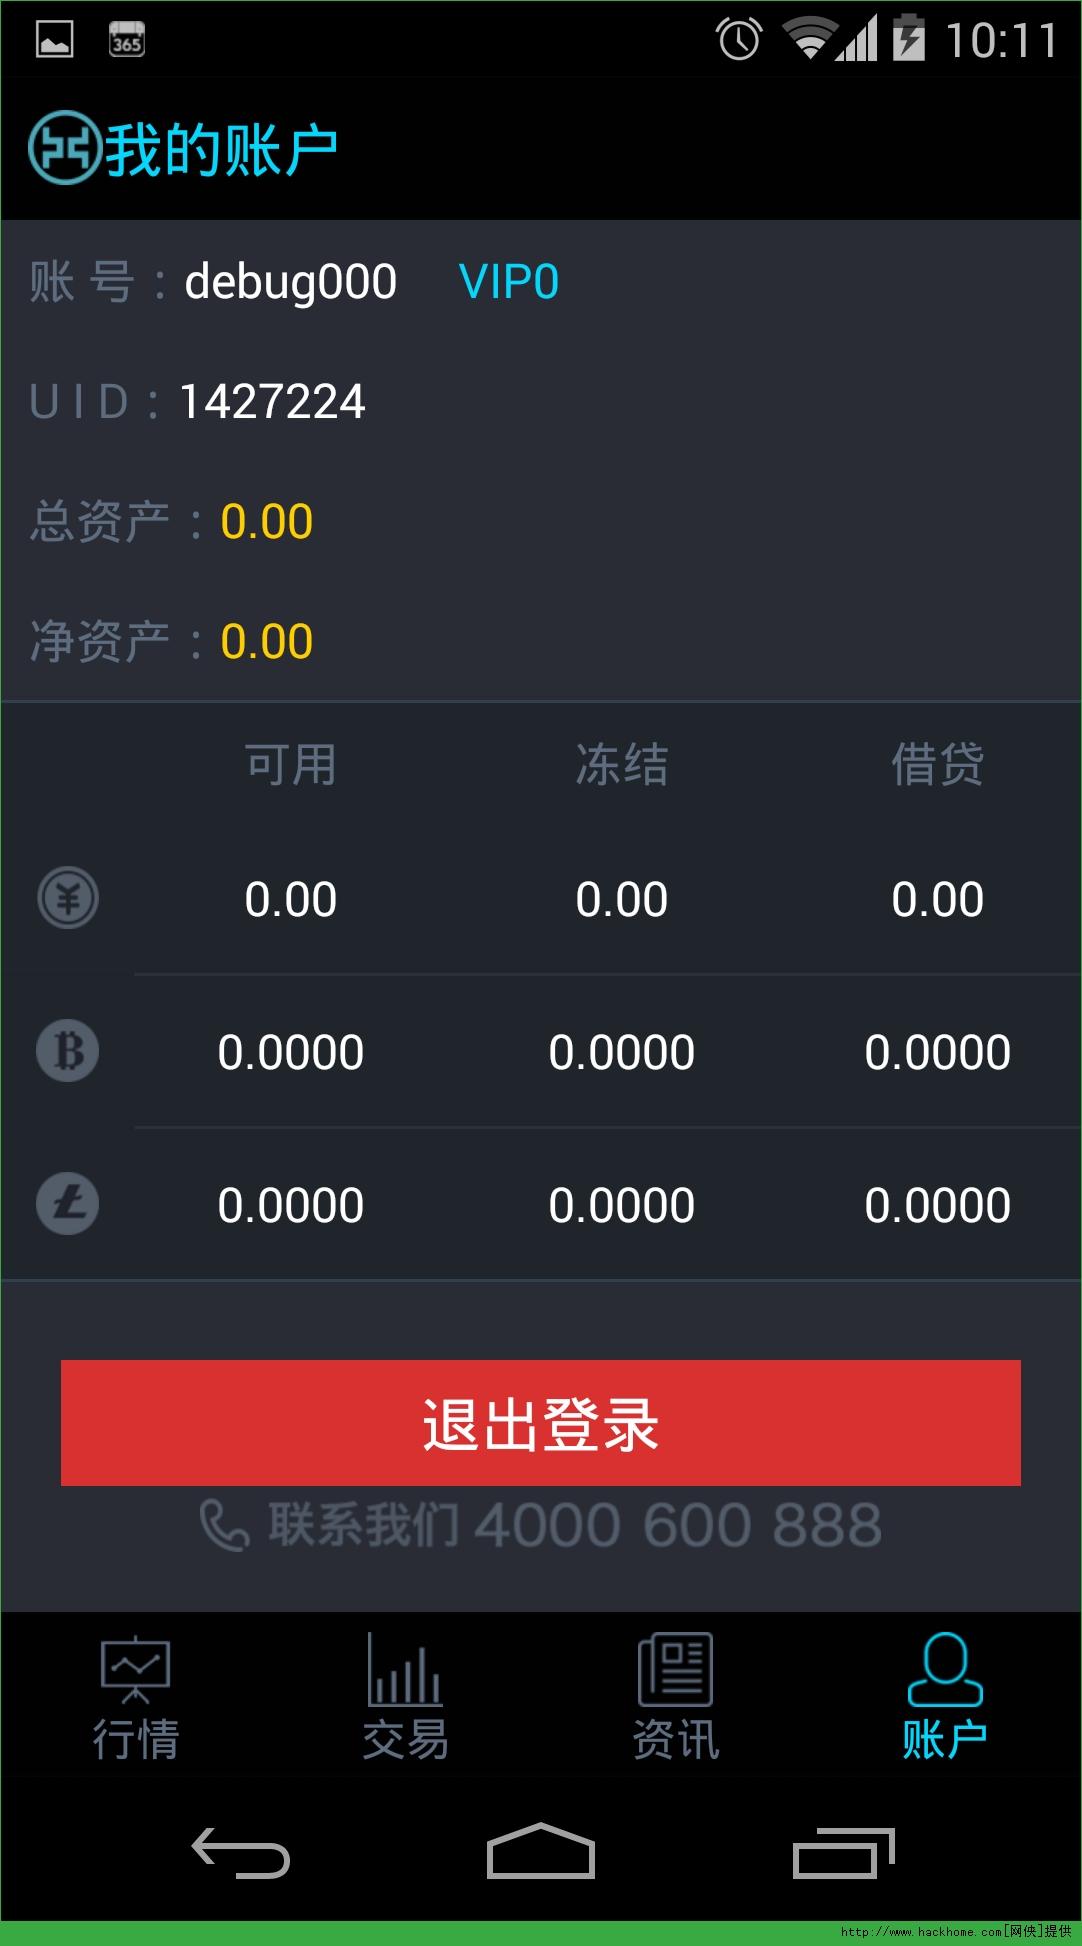 火币网快钱包官网app图4: